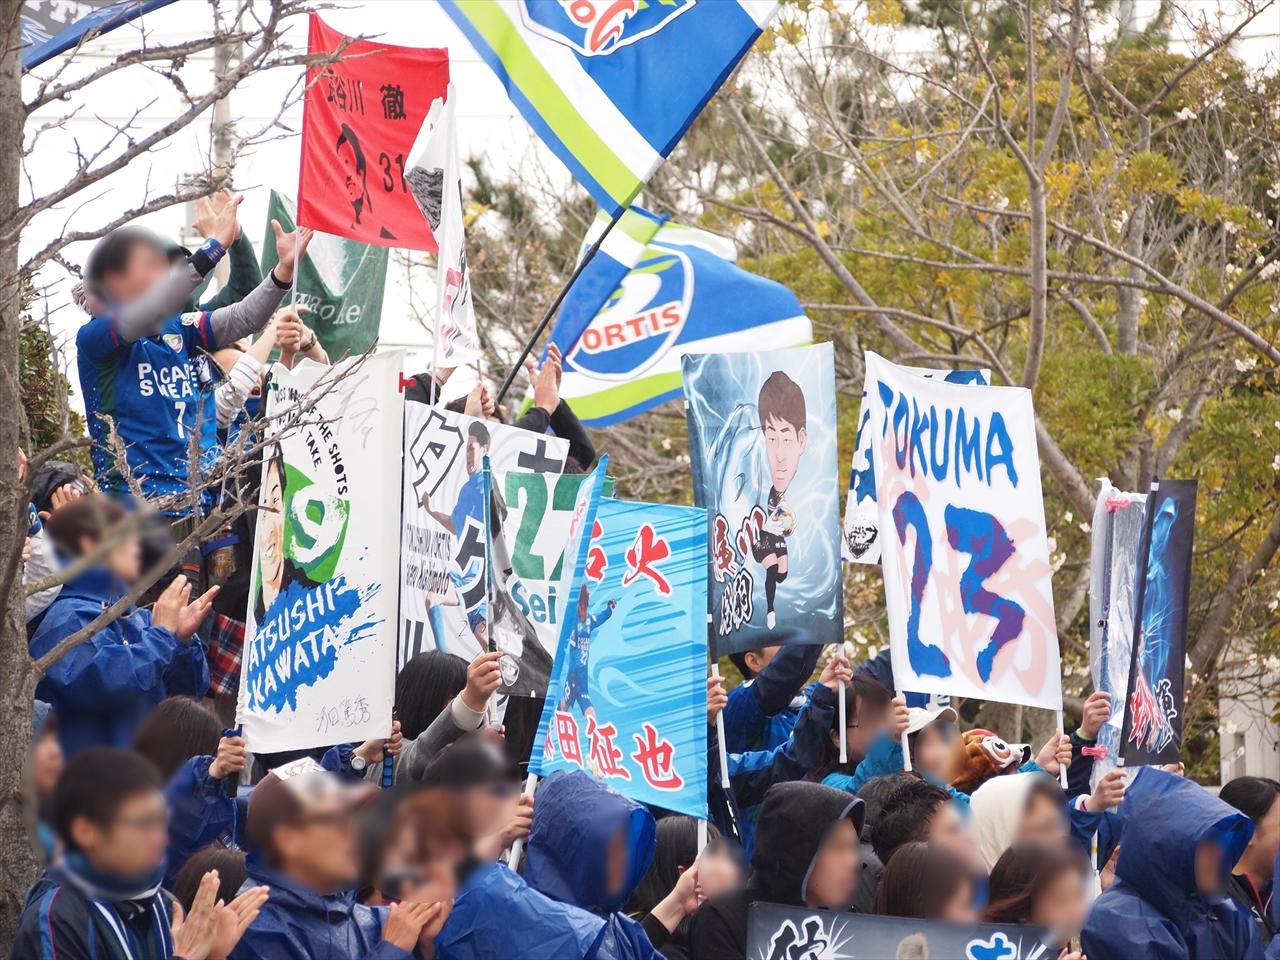 徳島ヴォルティスvsアルビレックス新潟 現地観戦レポート 徳島ヴォルティス選手バス待ち